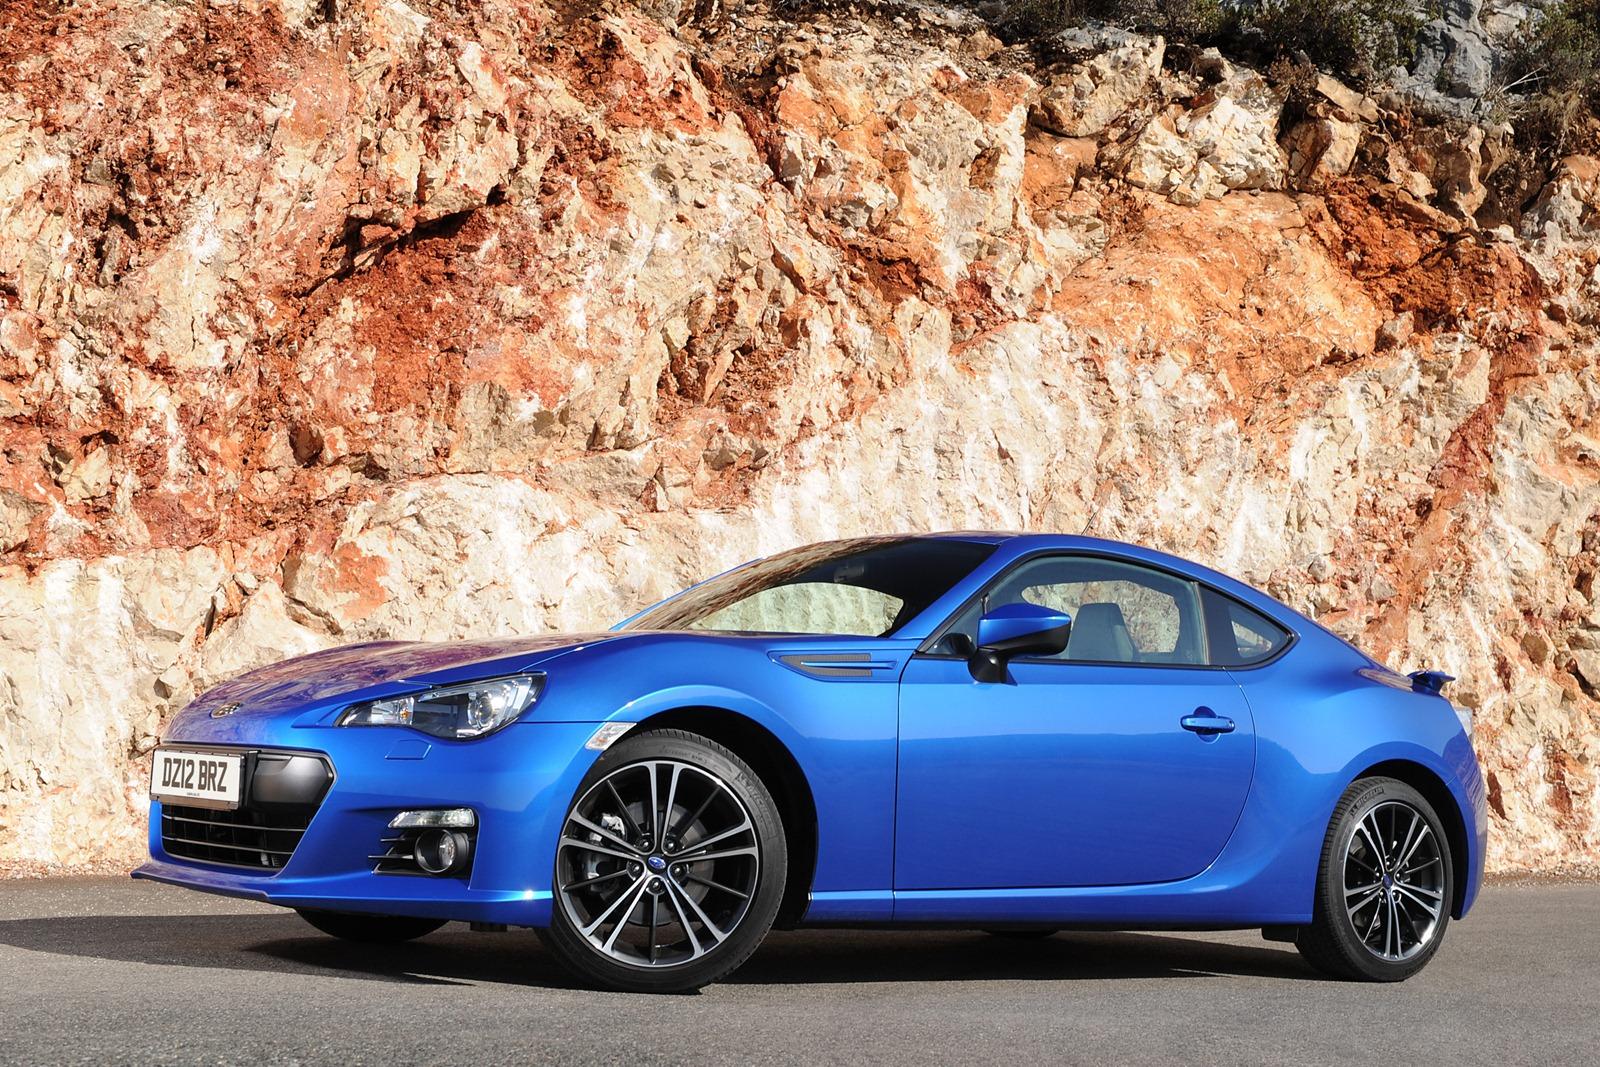 2013-Subaru-BRZ-Coupe-1.jpg?imgmax=1800